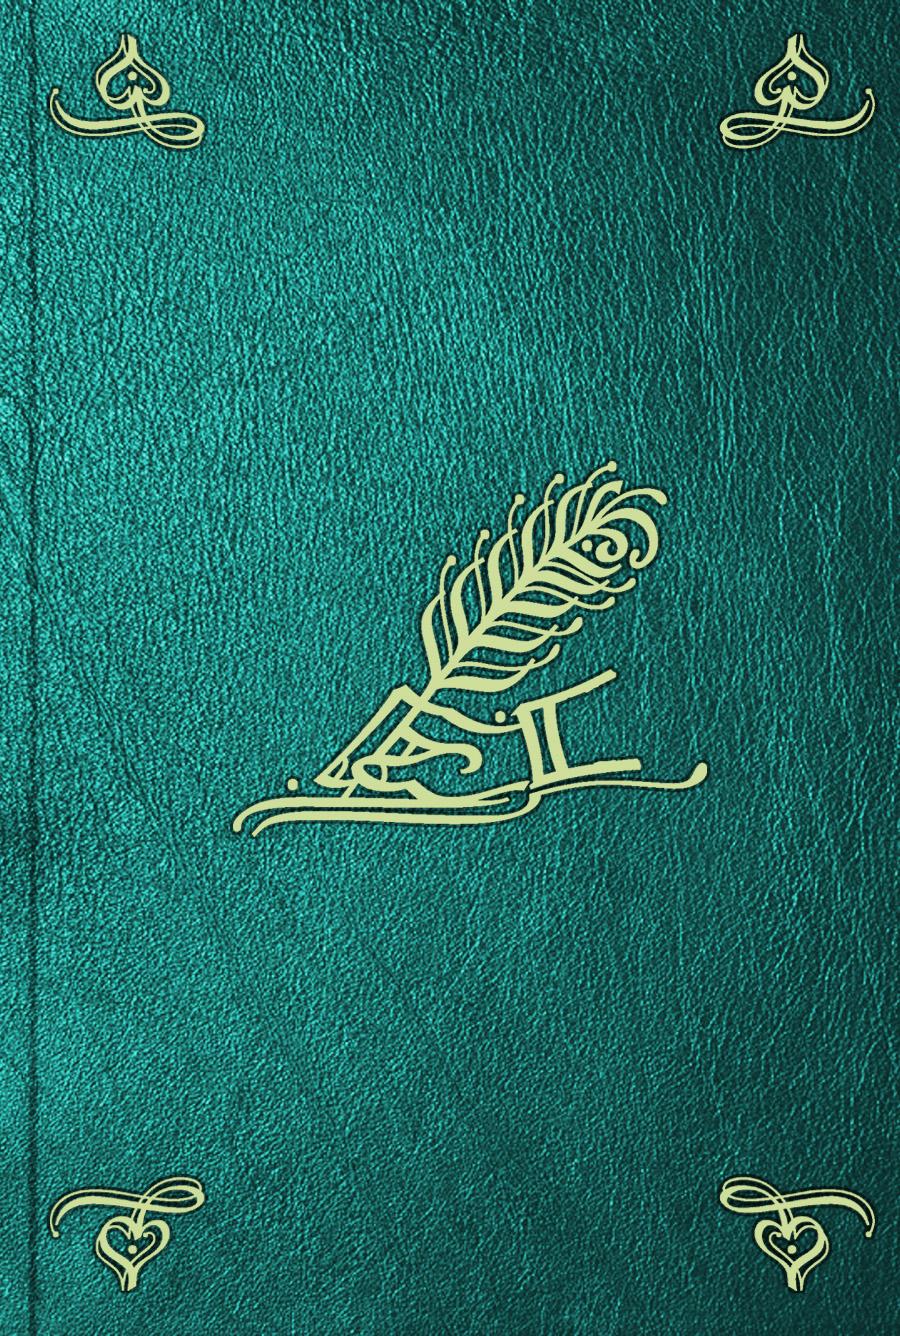 Comte de Buffon Georges Louis Leclerc Histoire naturelle. T. 5. Oiseaux comte de buffon georges louis leclerc histoire naturelle t 6 oiseaux